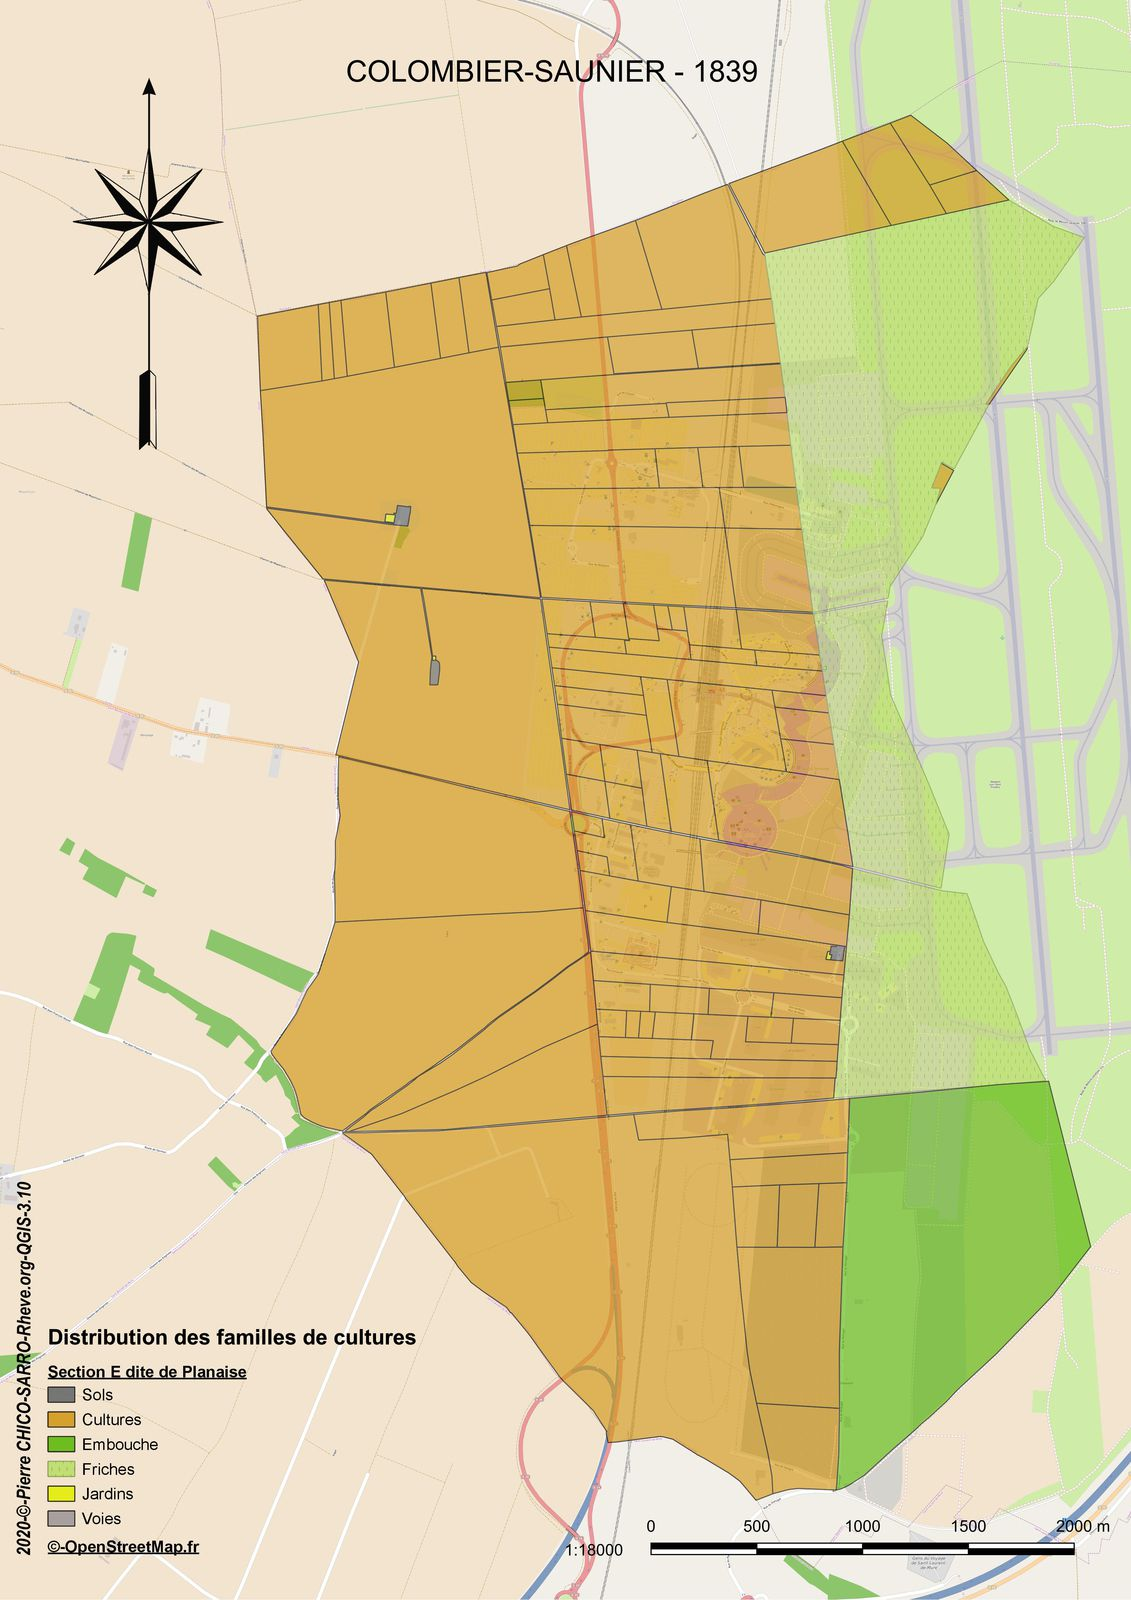 Distribution des familles de cultures dans la section E dite de Planaise à COLOMBIER-SAUGNEU en 1839 à COLOMBIER-SAUGNEU en 1839